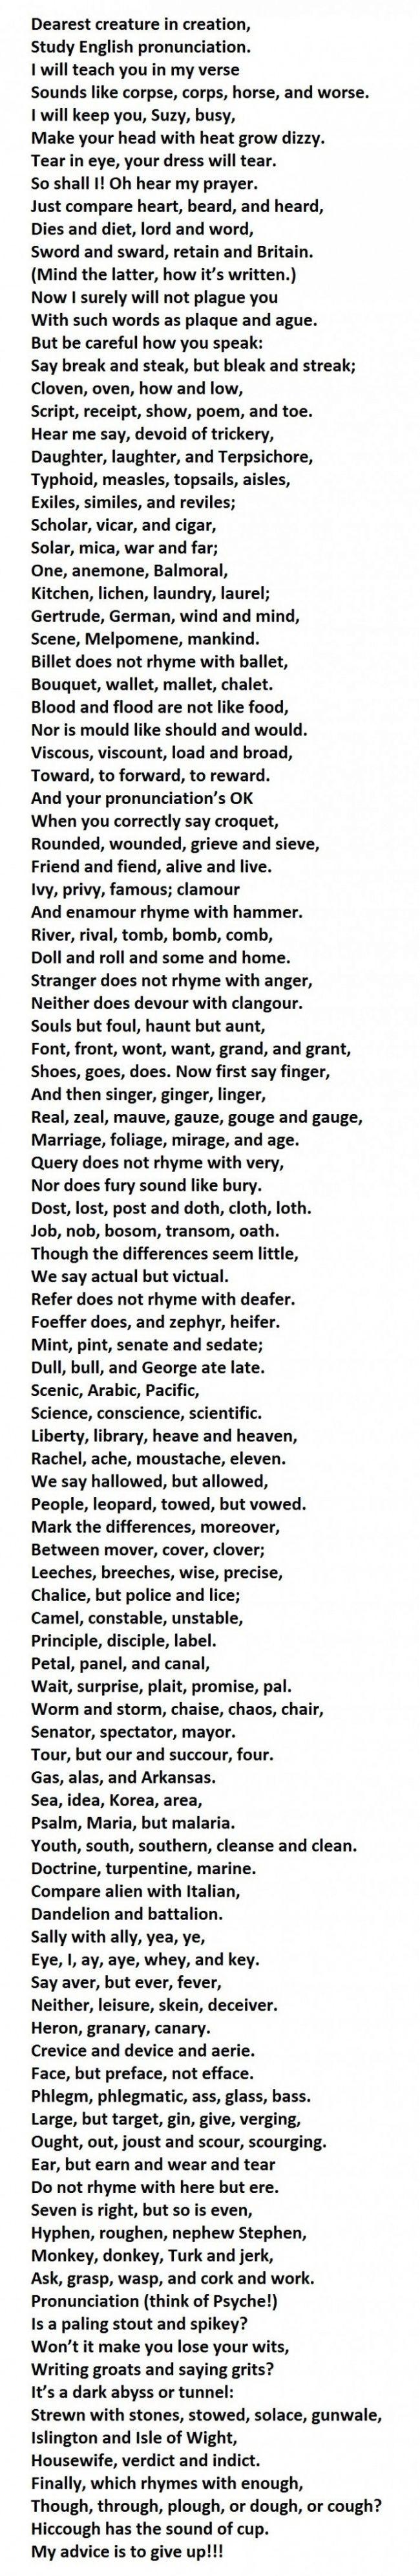 Poema acerca de las reglas de pronunciación compuesto por Dr. Gerald Nolst Trenité